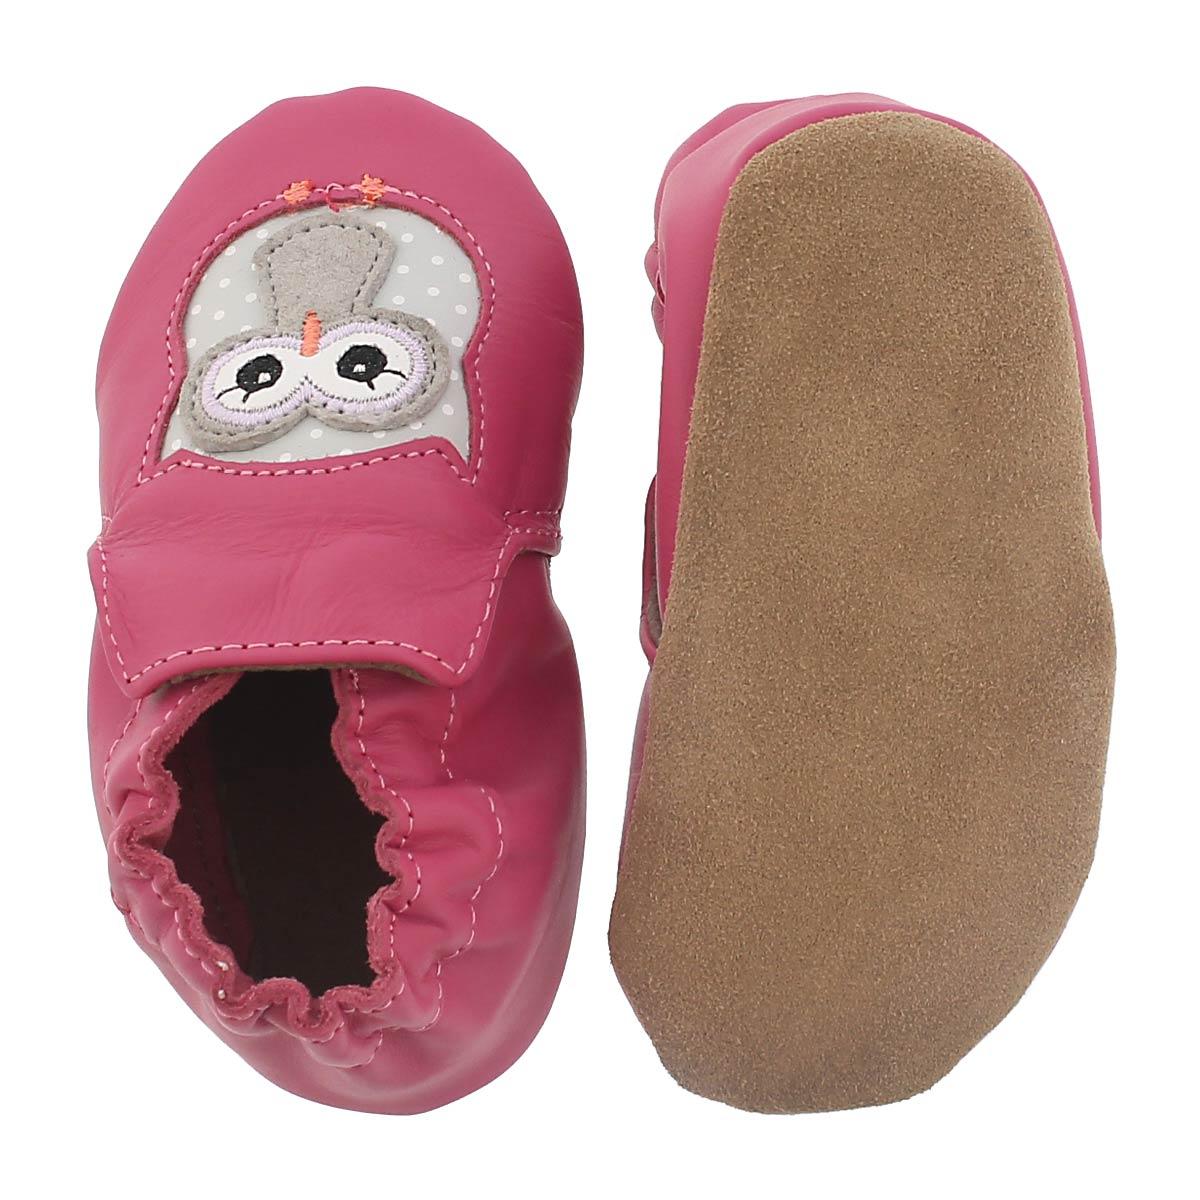 Pantoufle Owl Playmates, rose, bébés